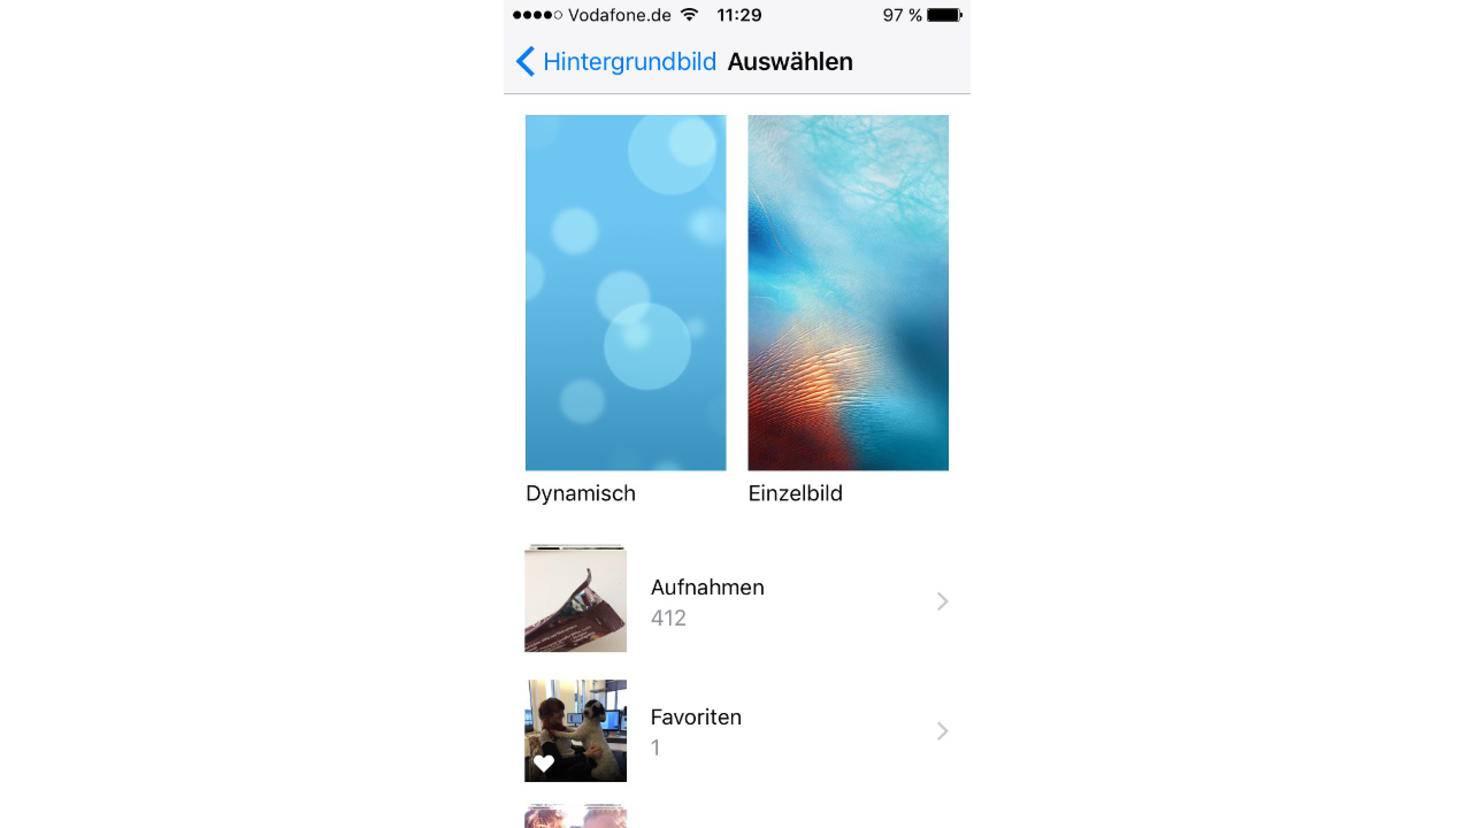 Nutzer wählen zwischen Apple-Standardbildern und eigenen Aufnahmen.